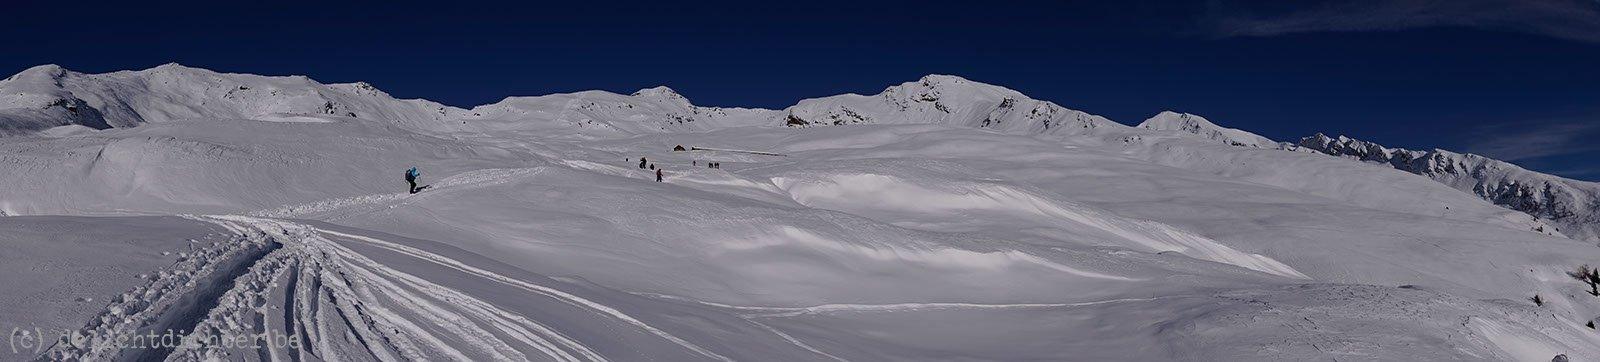 2013_12_sneeuwschoenen_20131231_122820